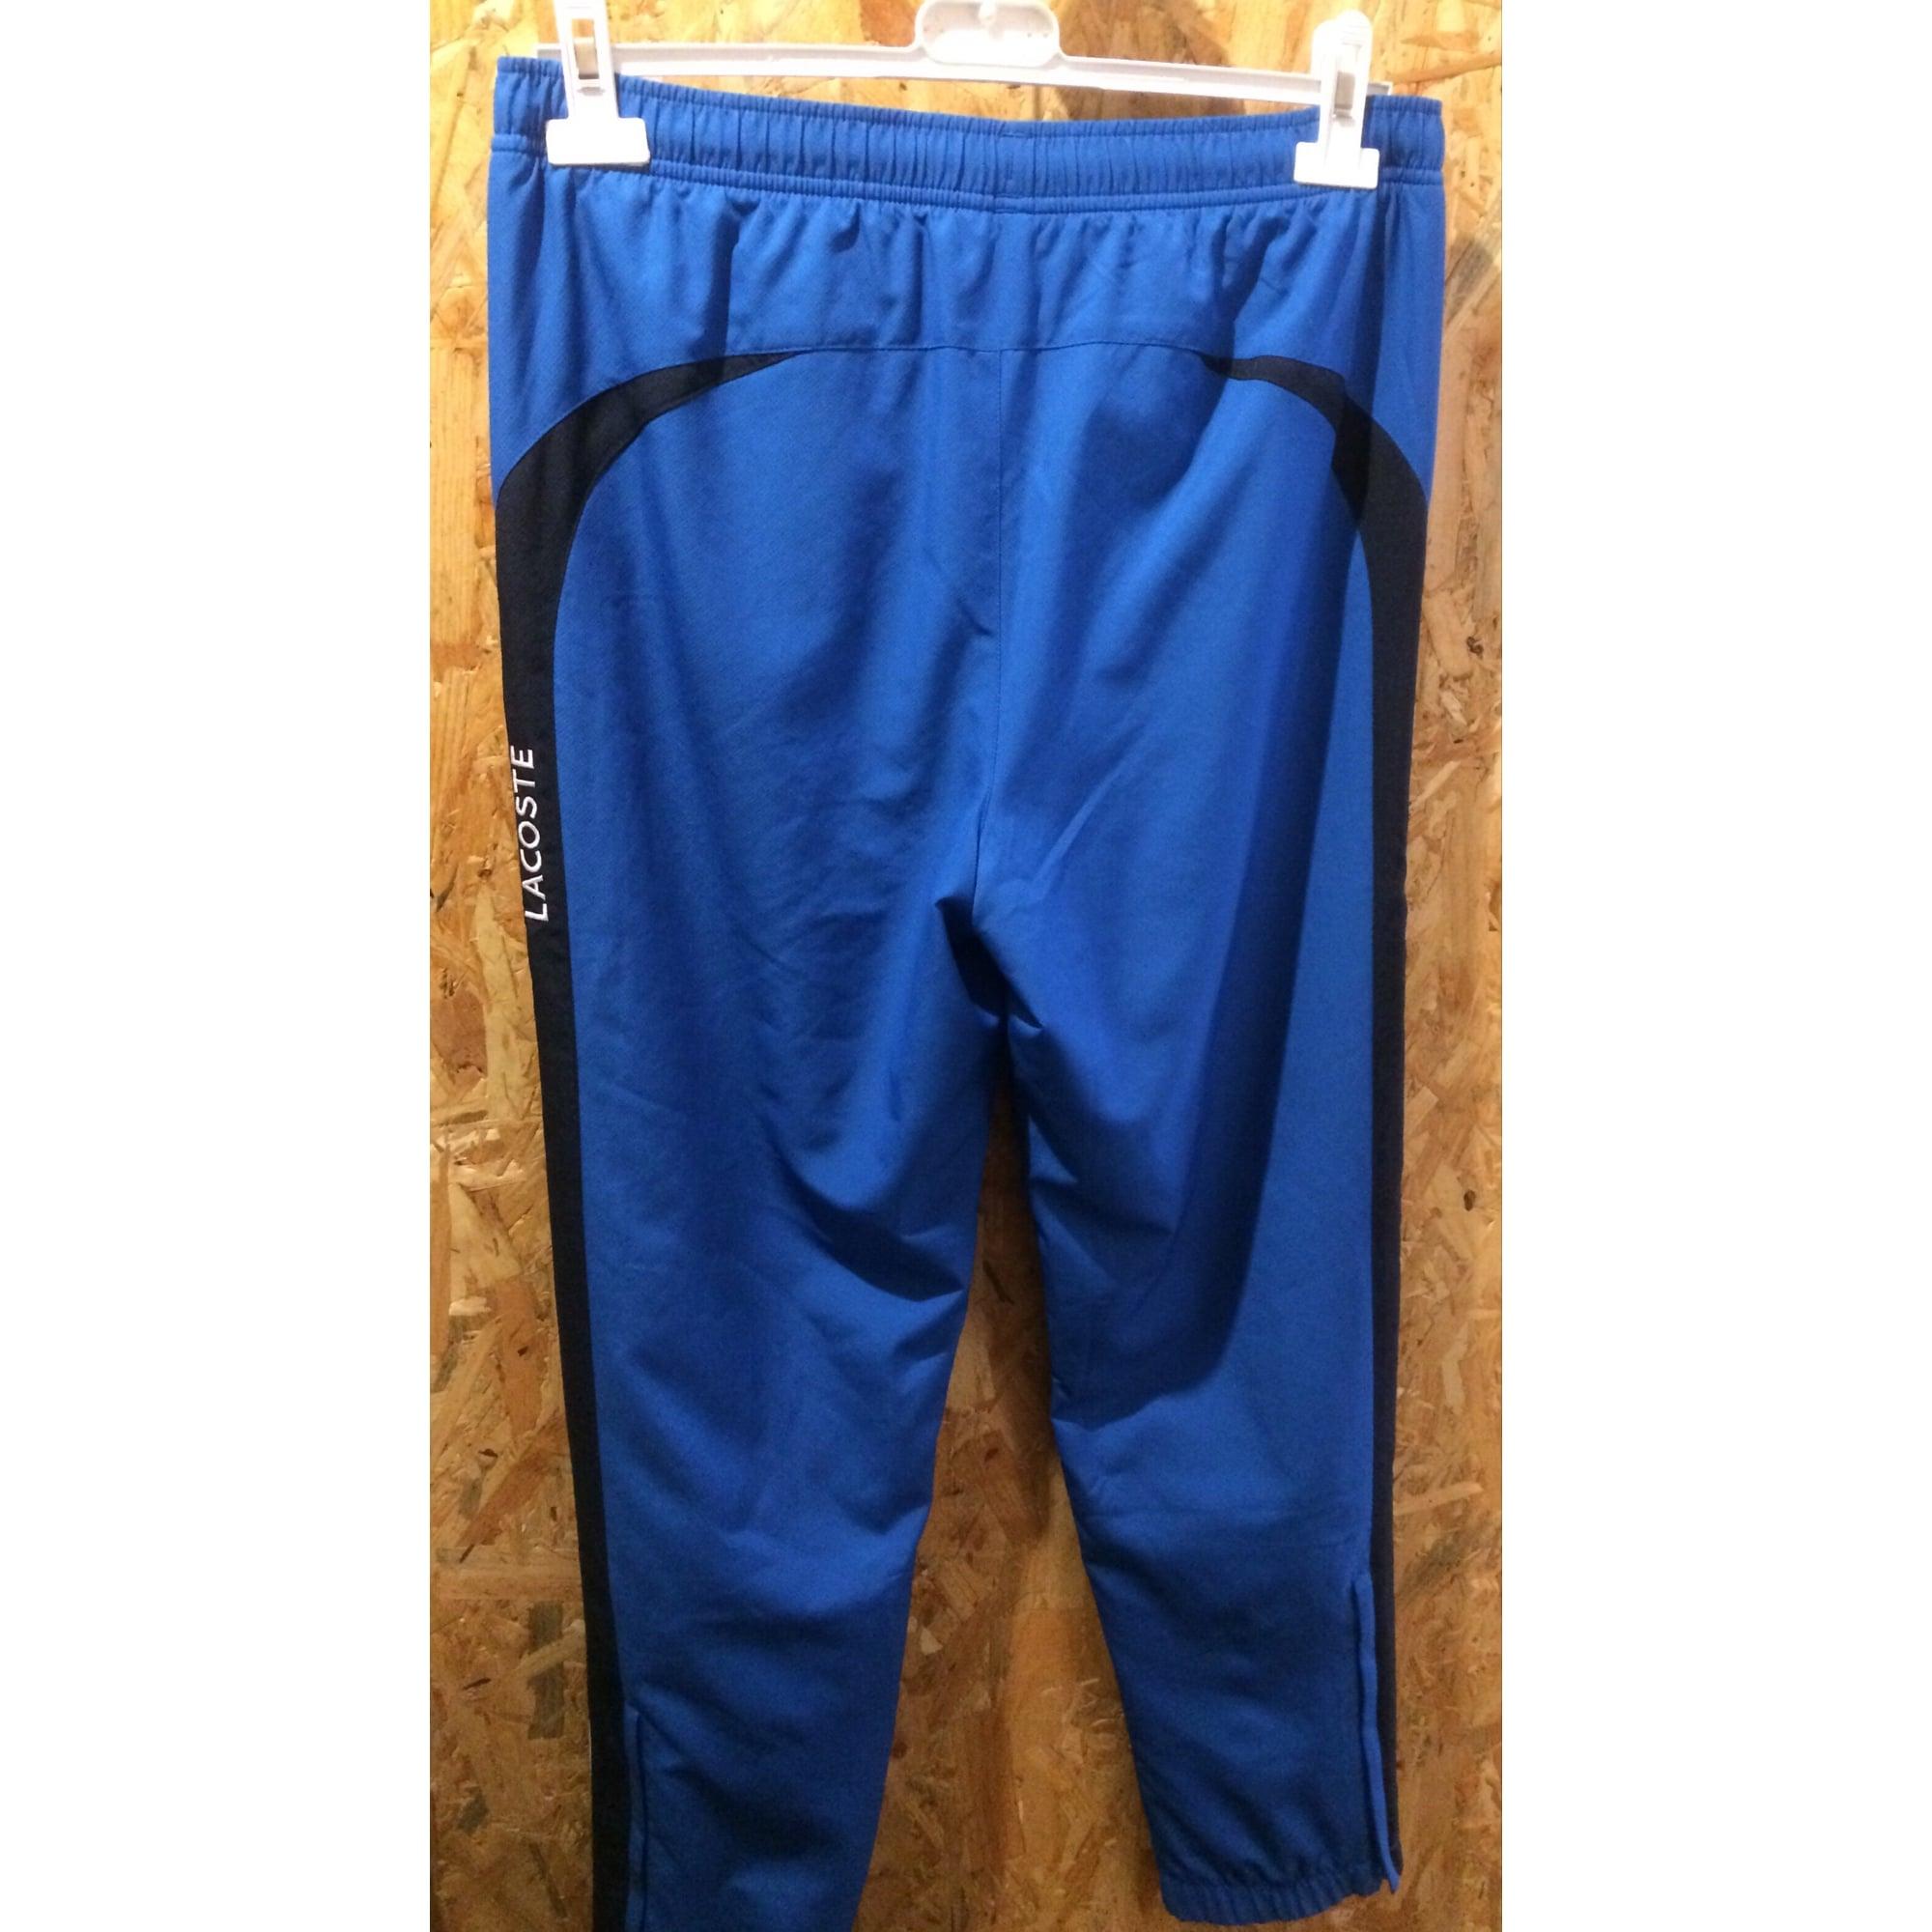 fd1dda4fc7c Pantalon de survêtement LACOSTE 34 bleu vendu par Sylvie 6326 - 7124869